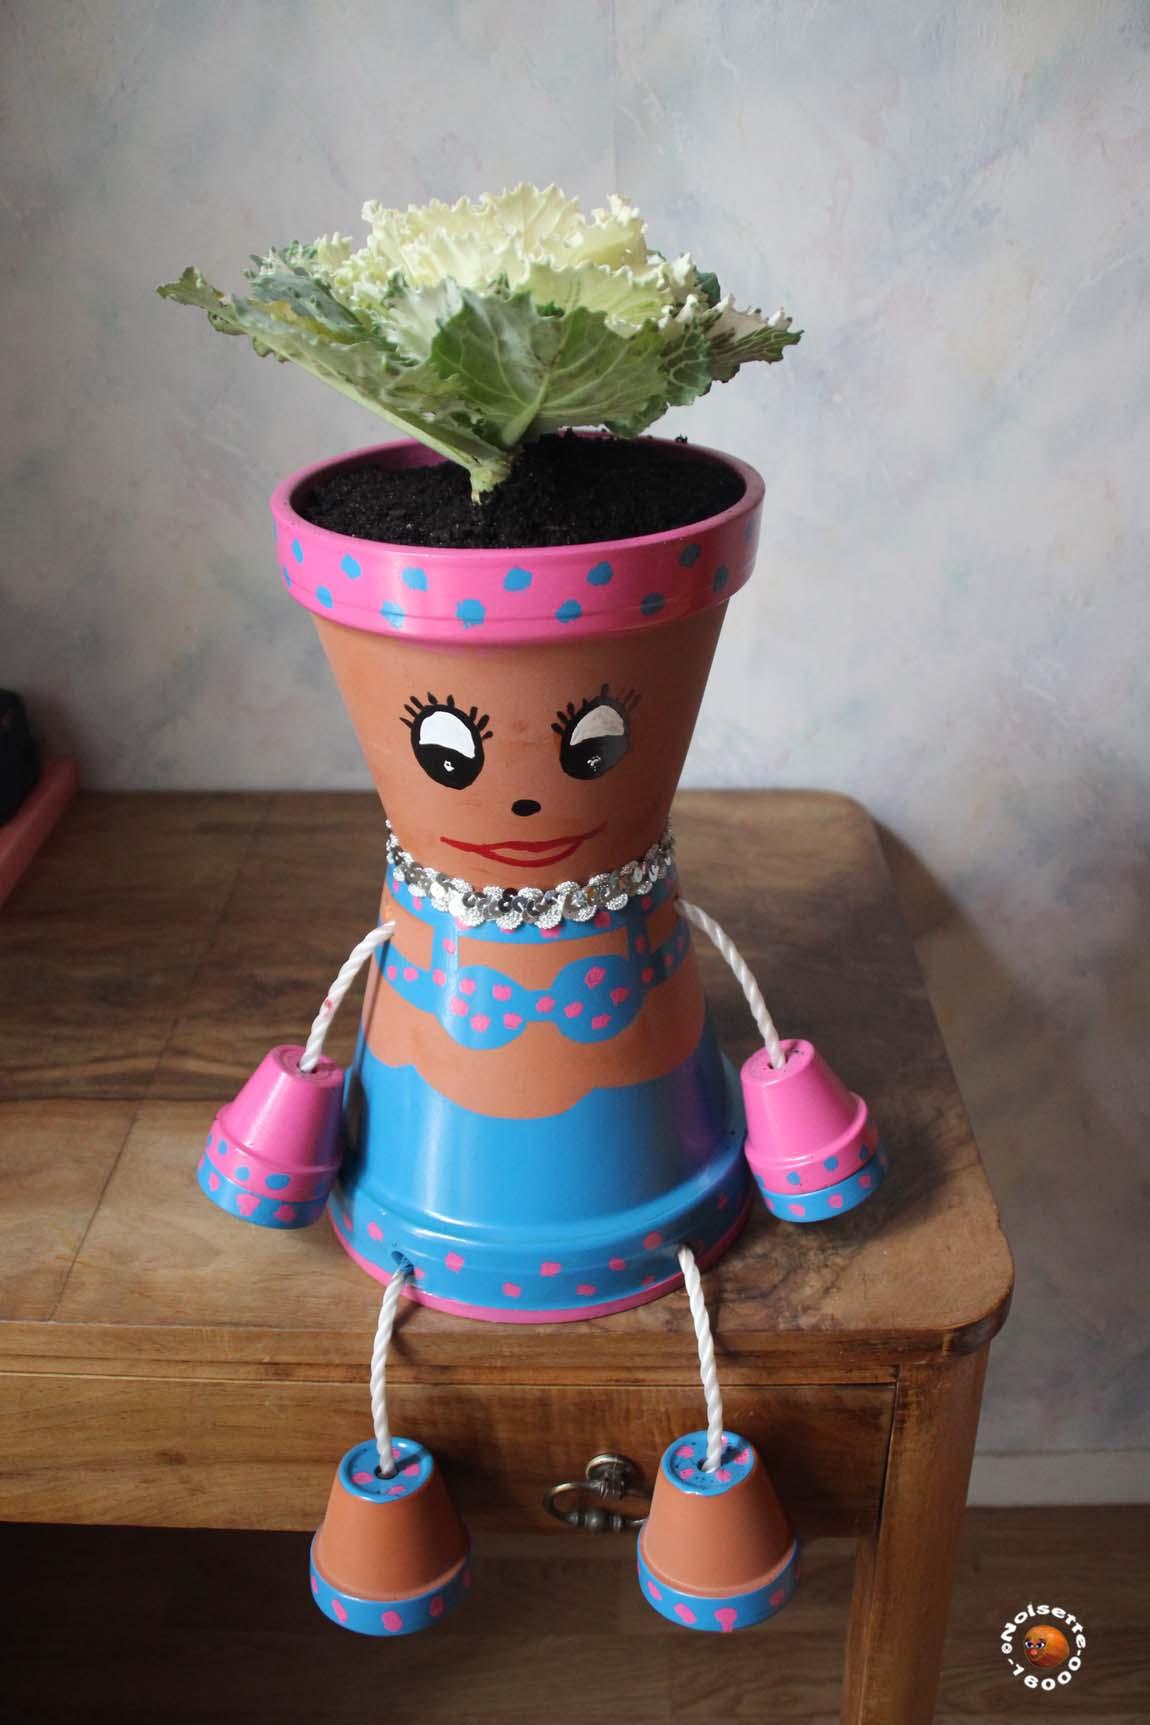 pots en terre cuite décorés - angoulême